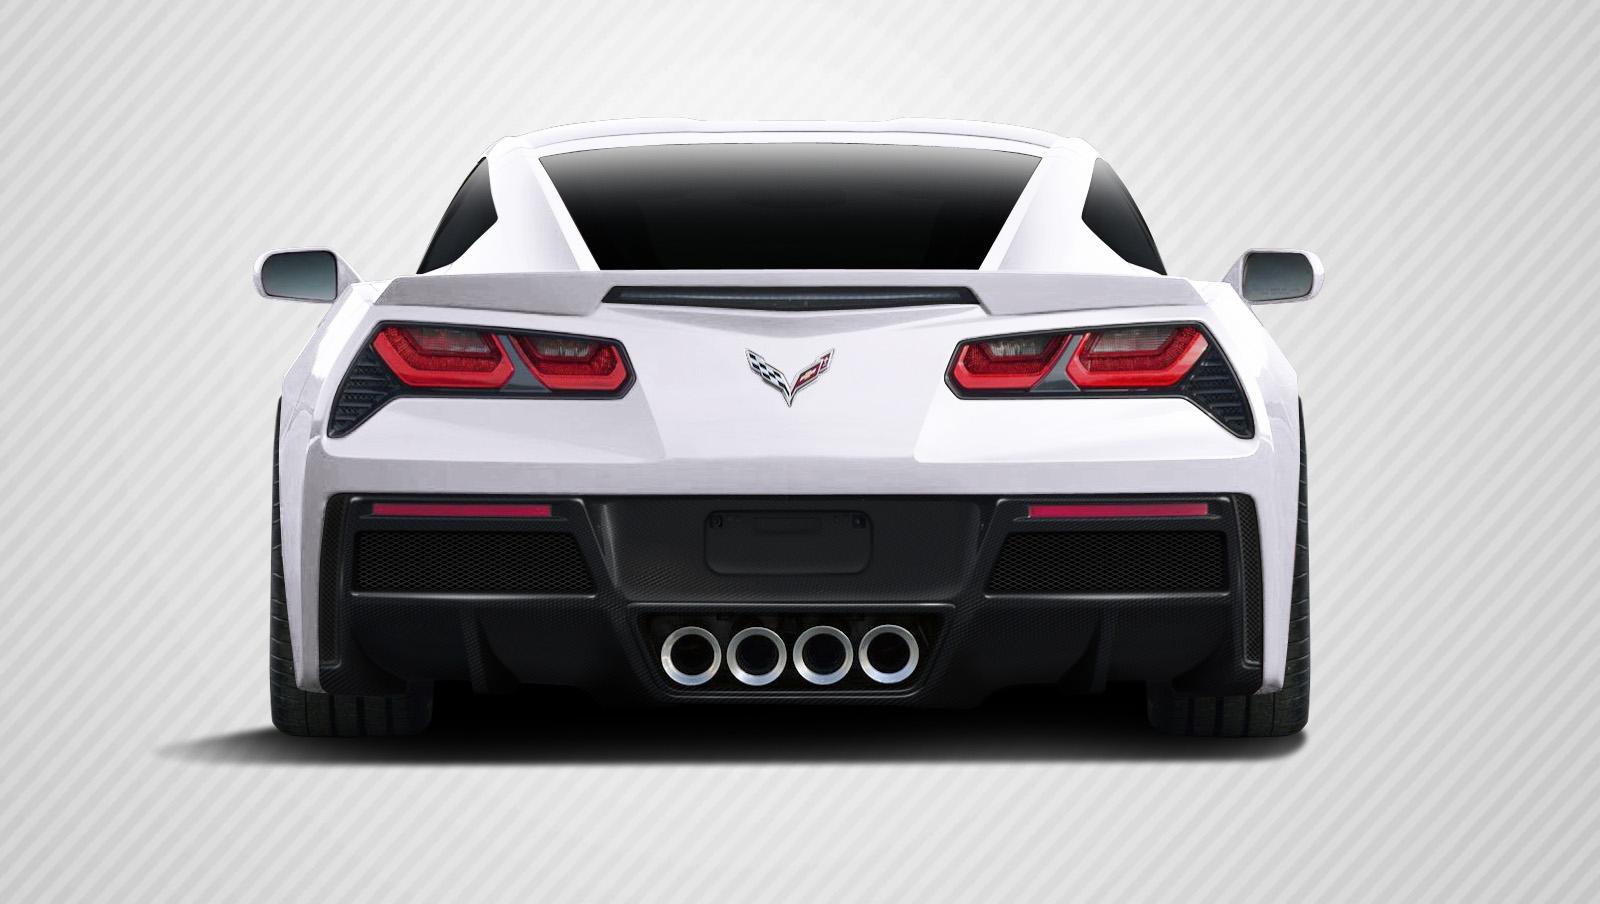 Sticker Decal stripe for Chevrolet CORVETTE Tune mirror rear bumper sport turbo